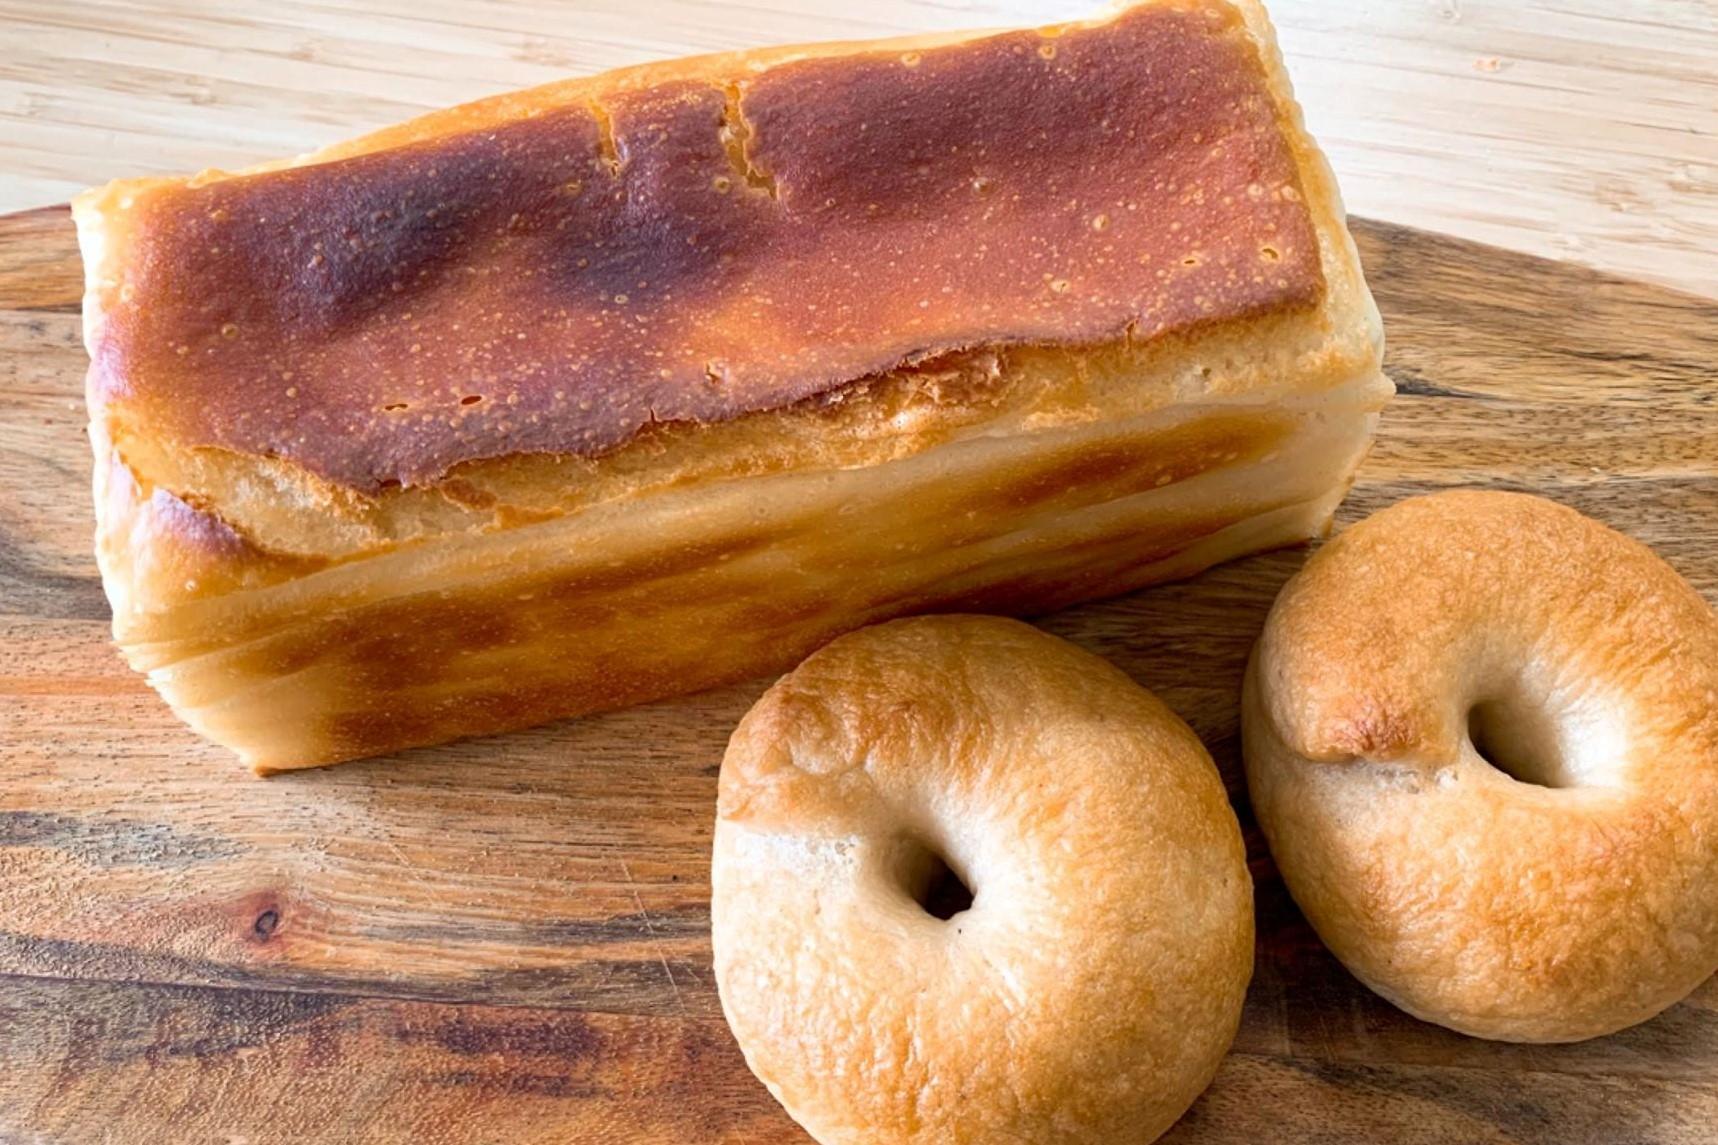 米粉食パンと米粉ベーグル